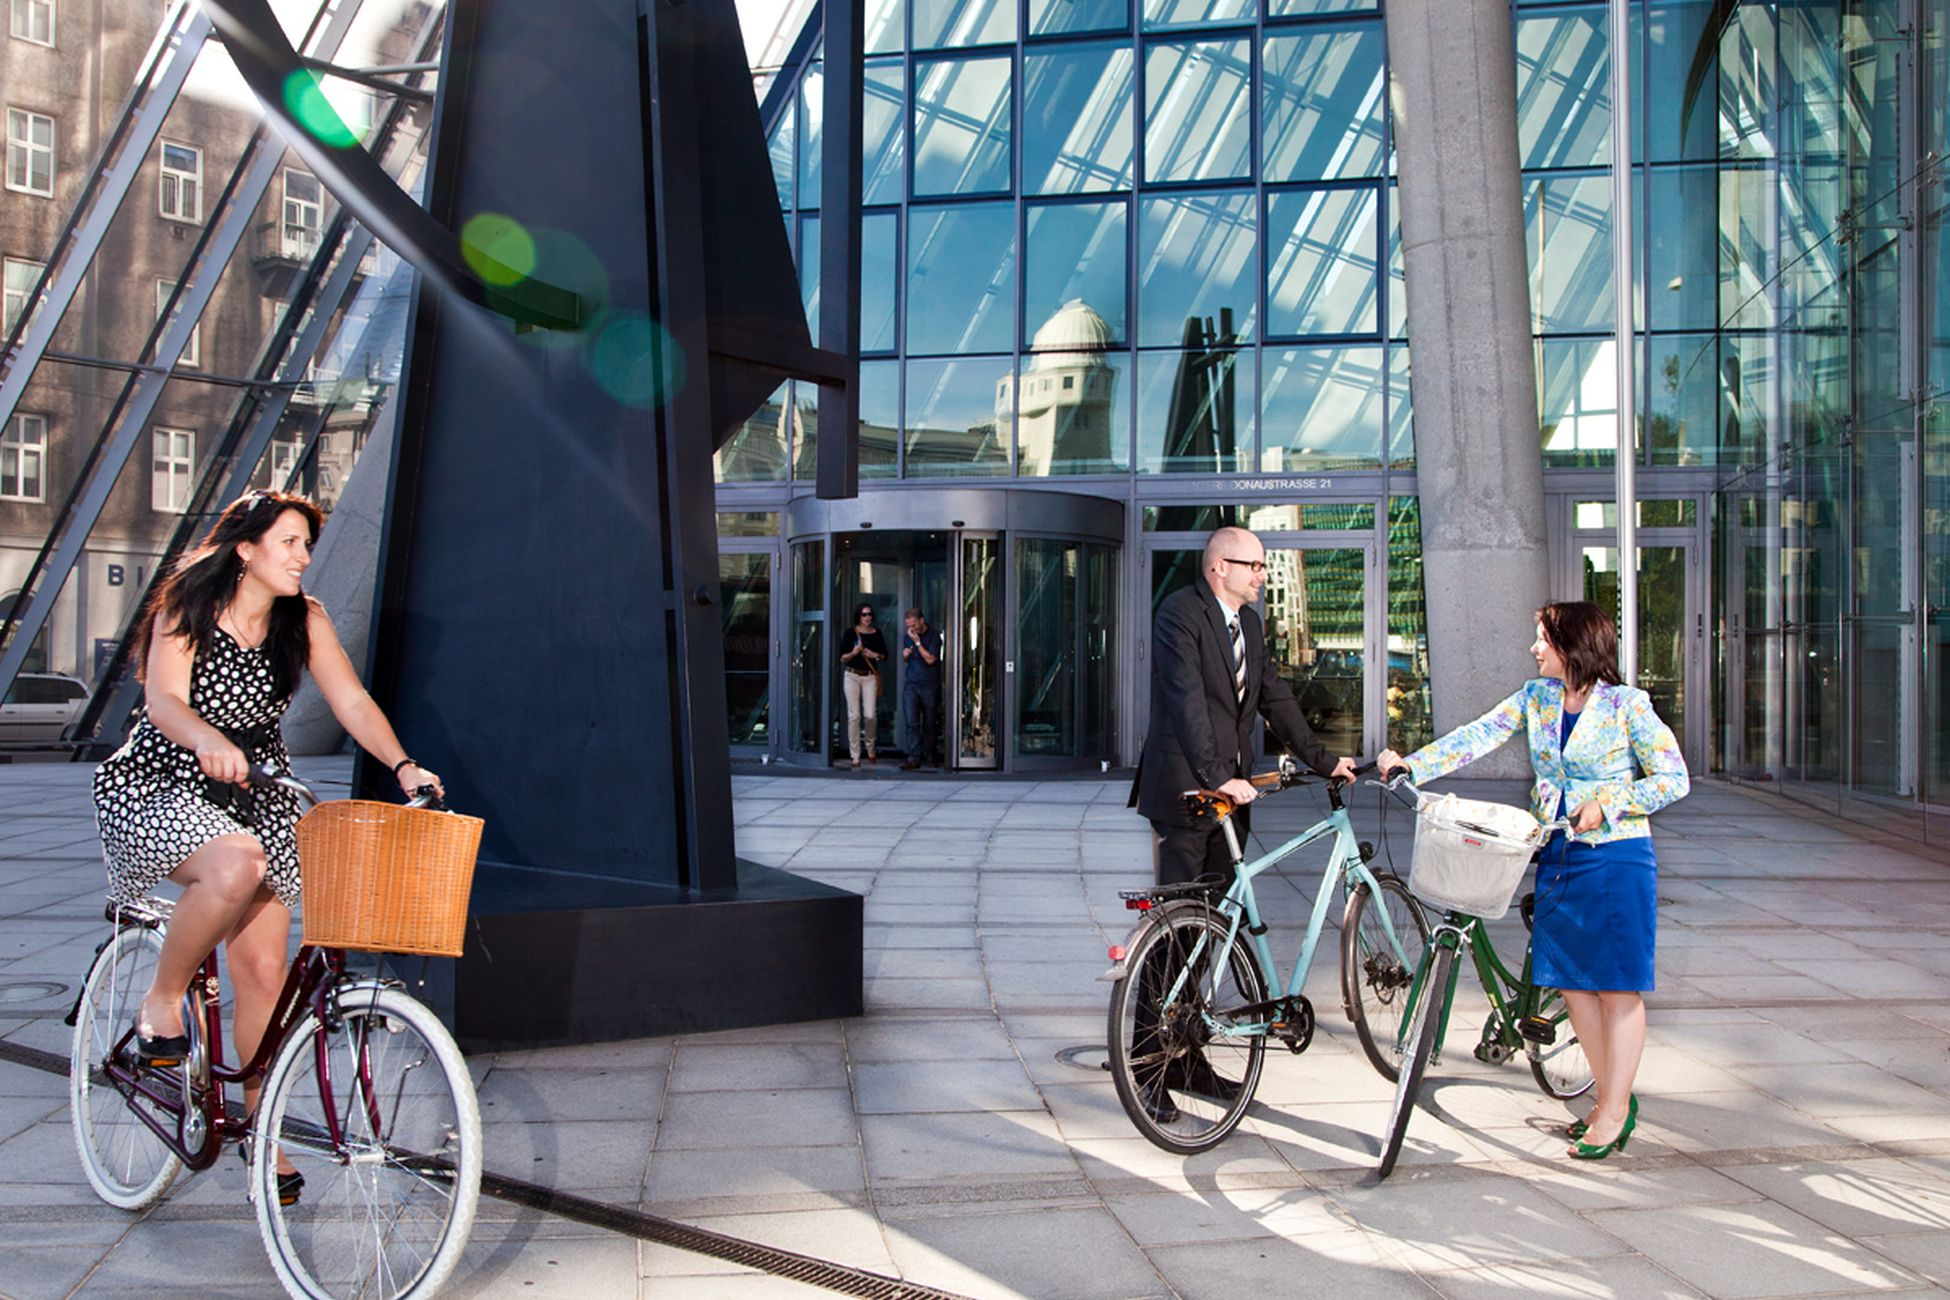 Zwei Frauen und ein Mann auf Fahrrädern vor dem Eingang eines großen Bankgebäudes.